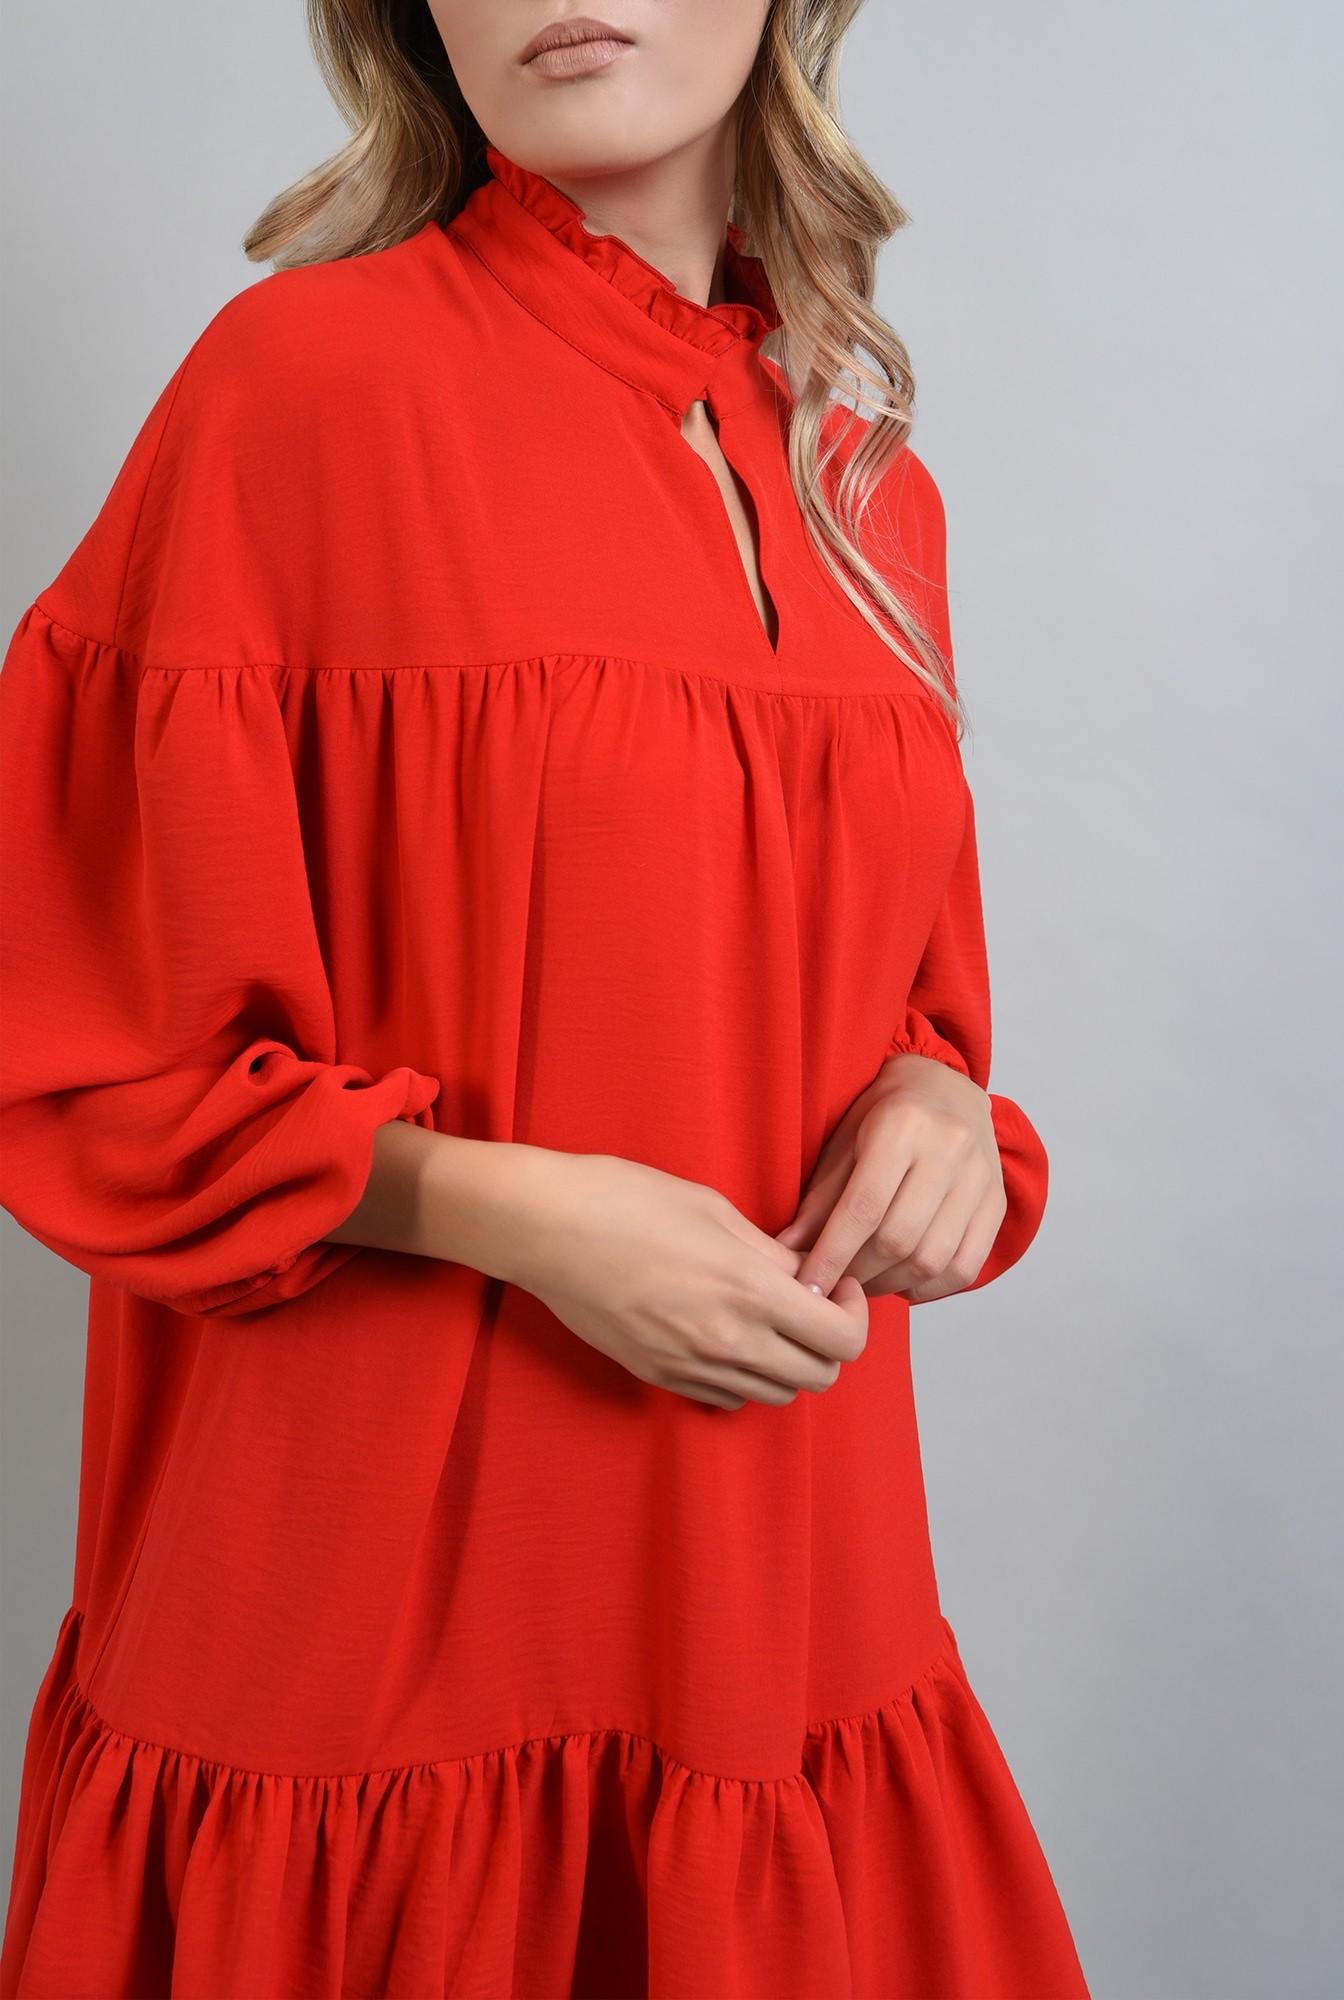 2 - rochie rosie mini, larga, cu guler, Poema